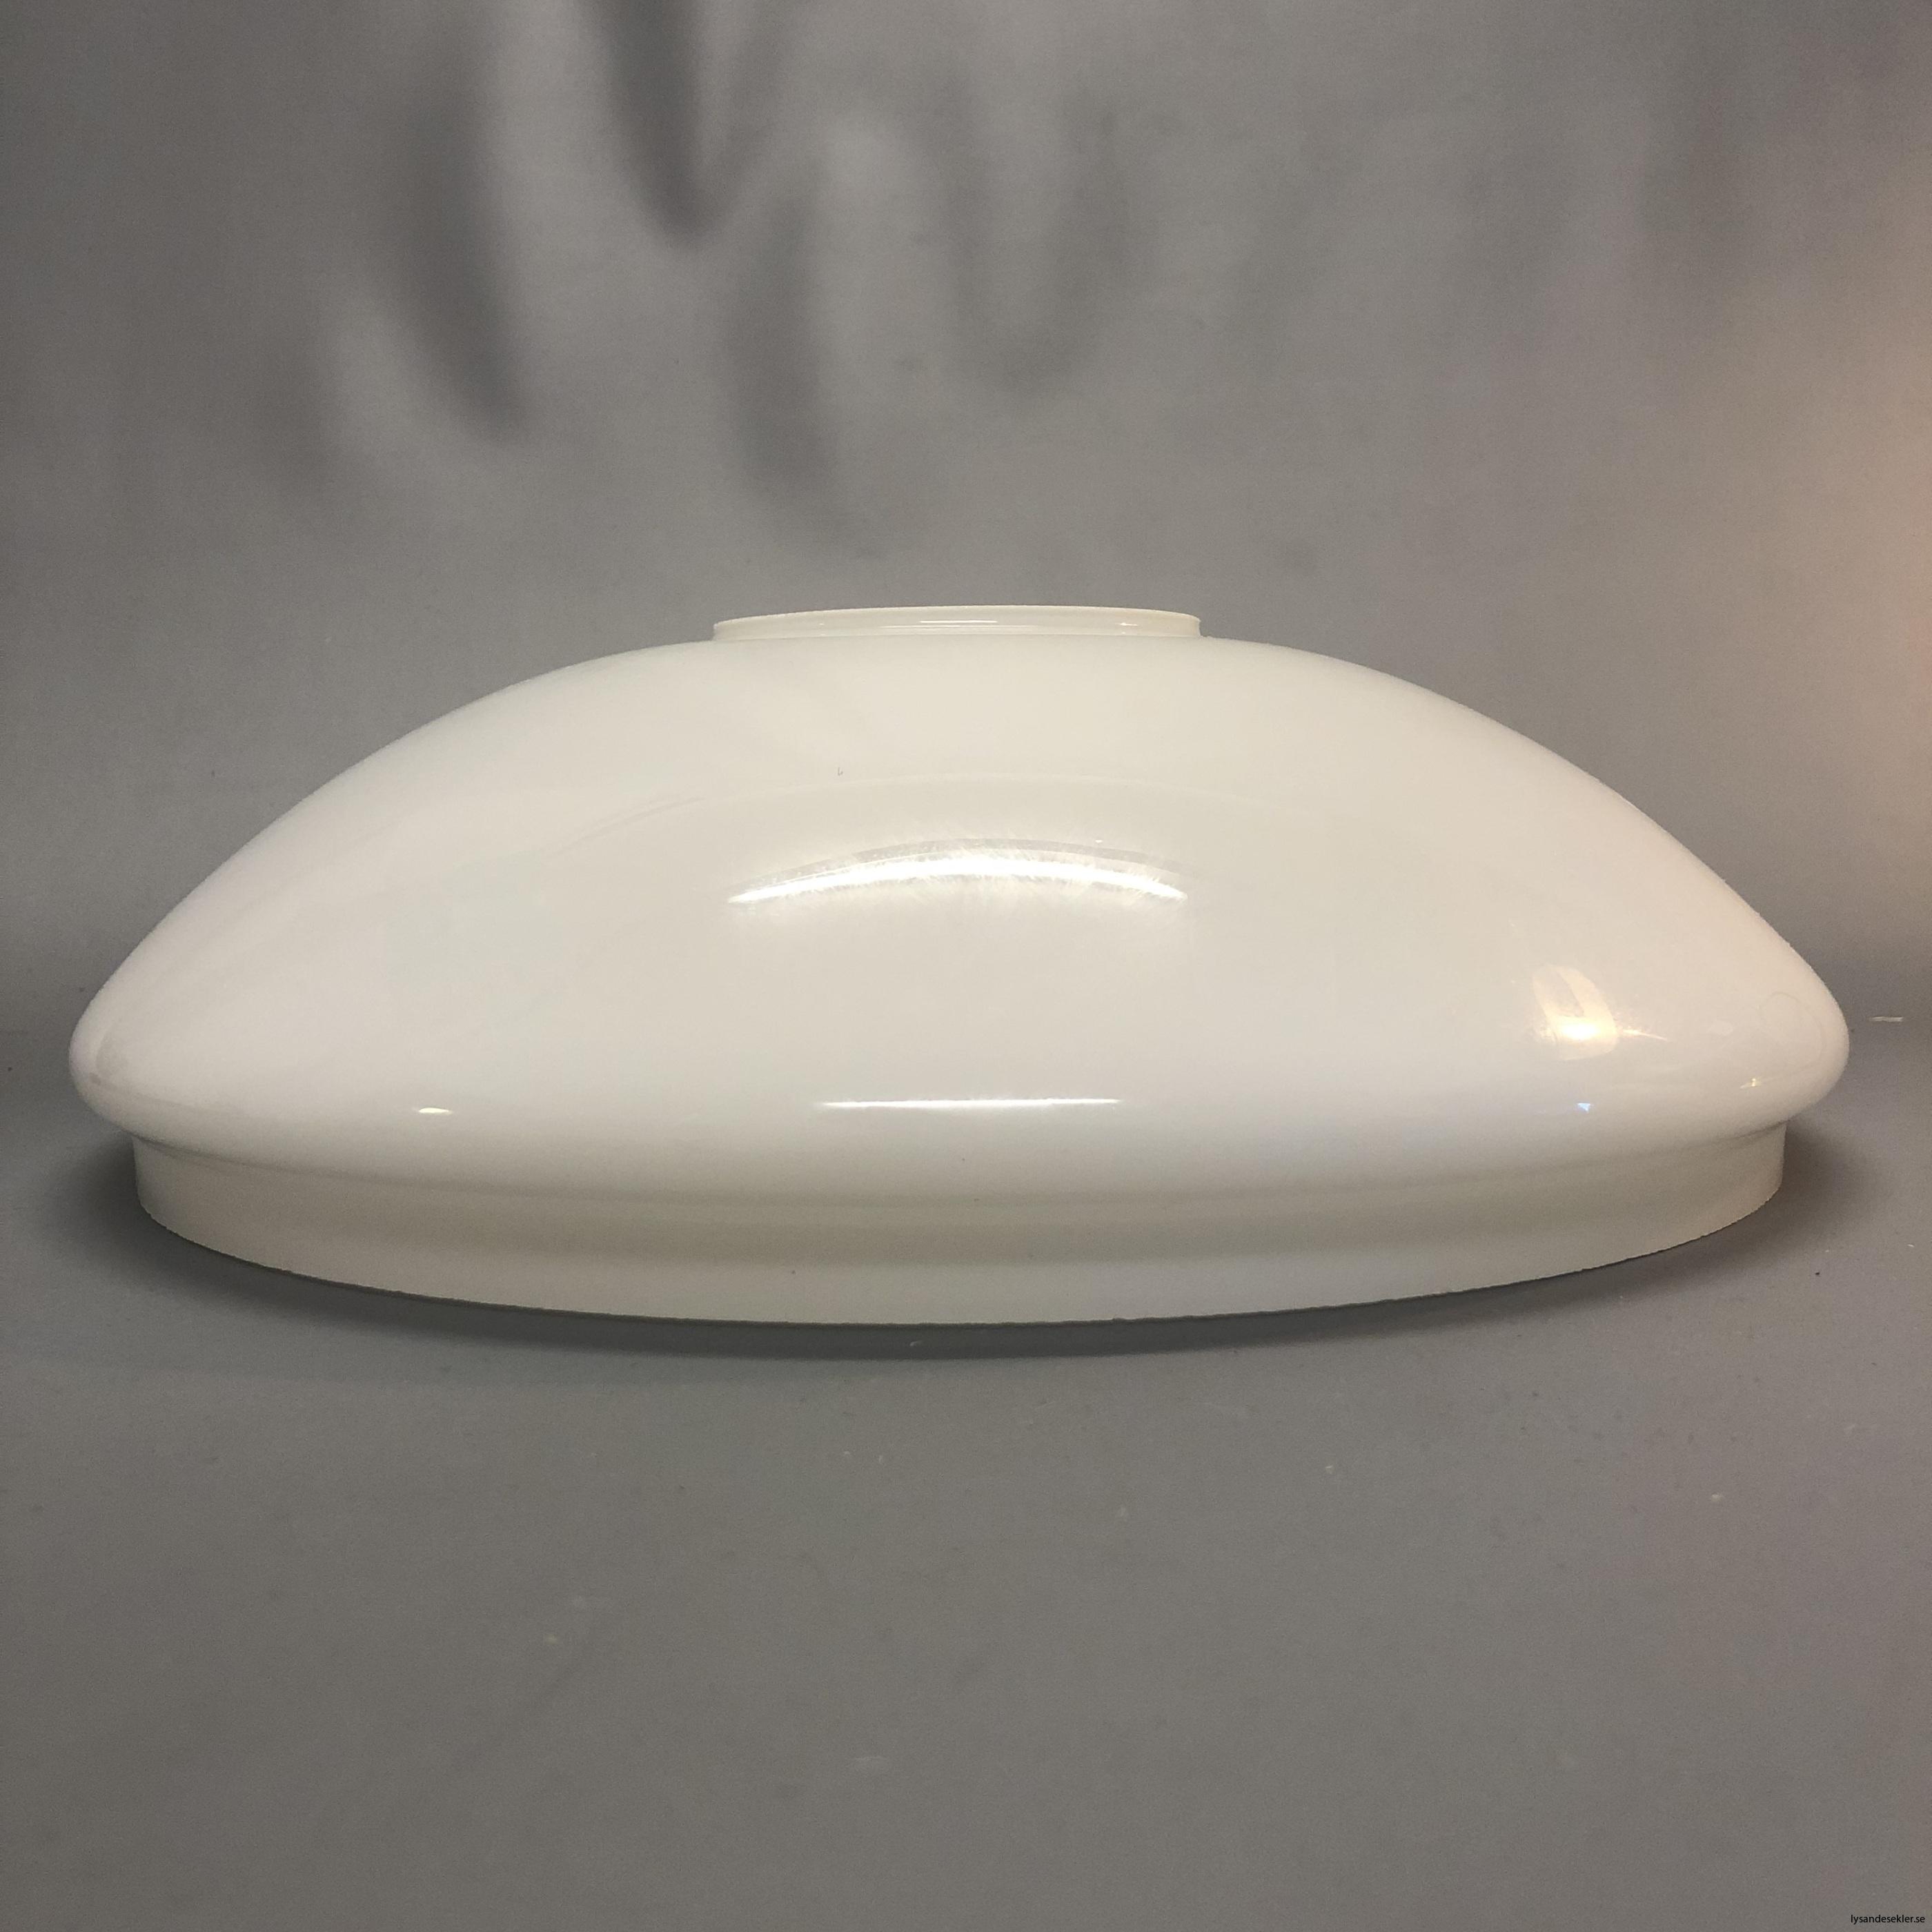 skärm till fotogenlampa utan krage kraglös vestaskärm1